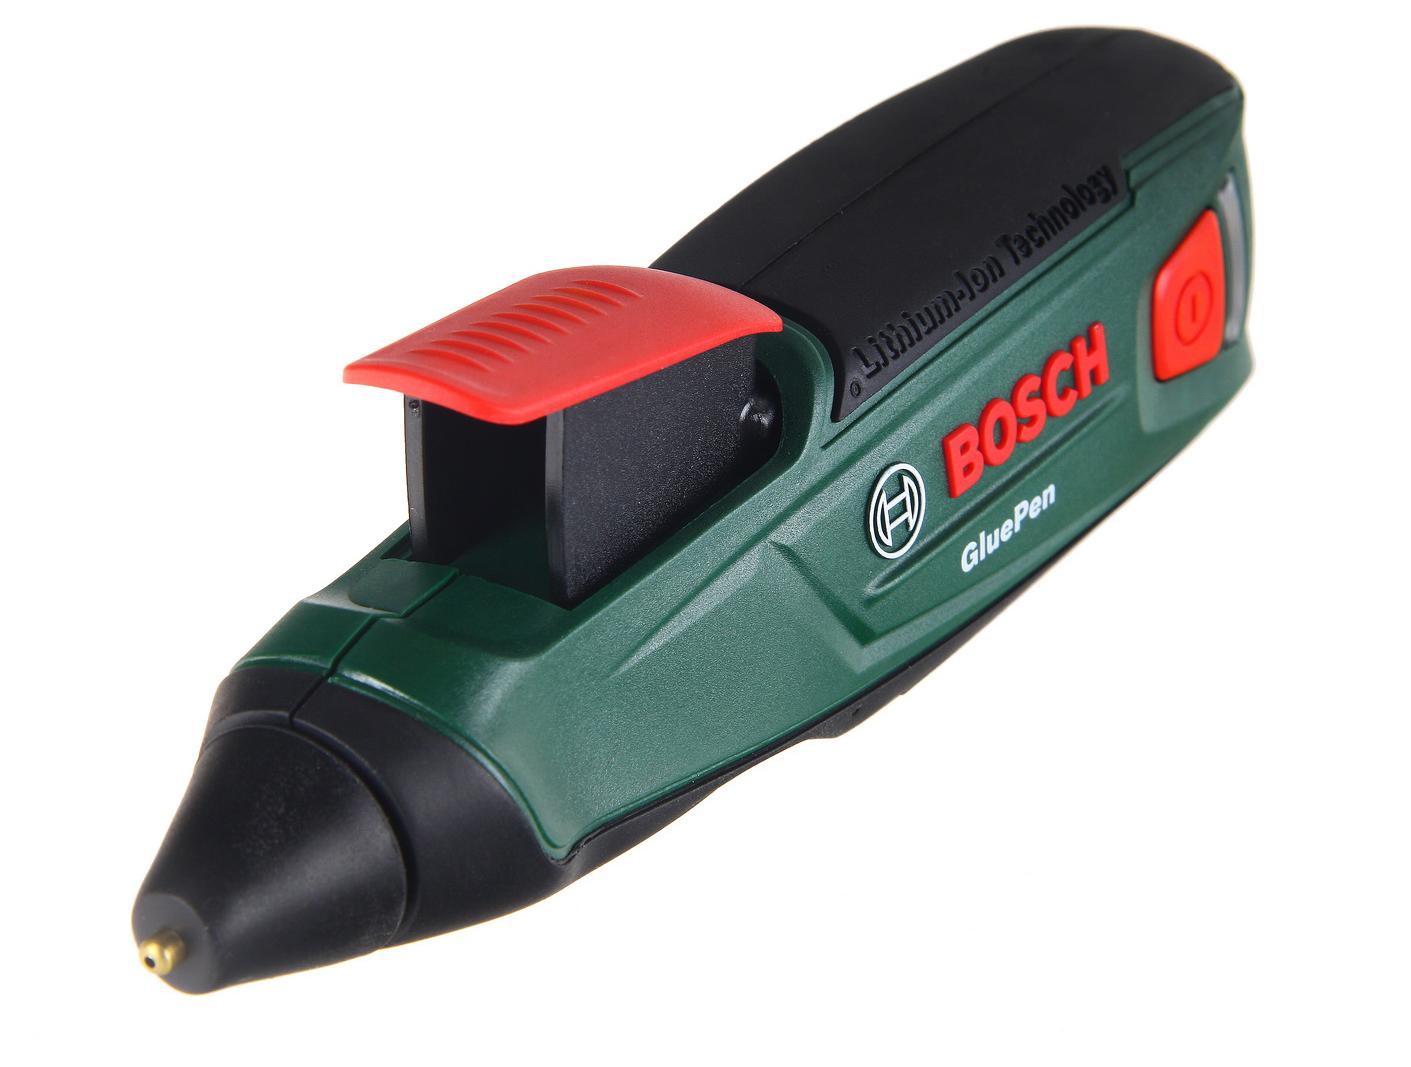 Аккумуляторный клеевой пистолет Bosch Gluepen (0.603.2a2.020)